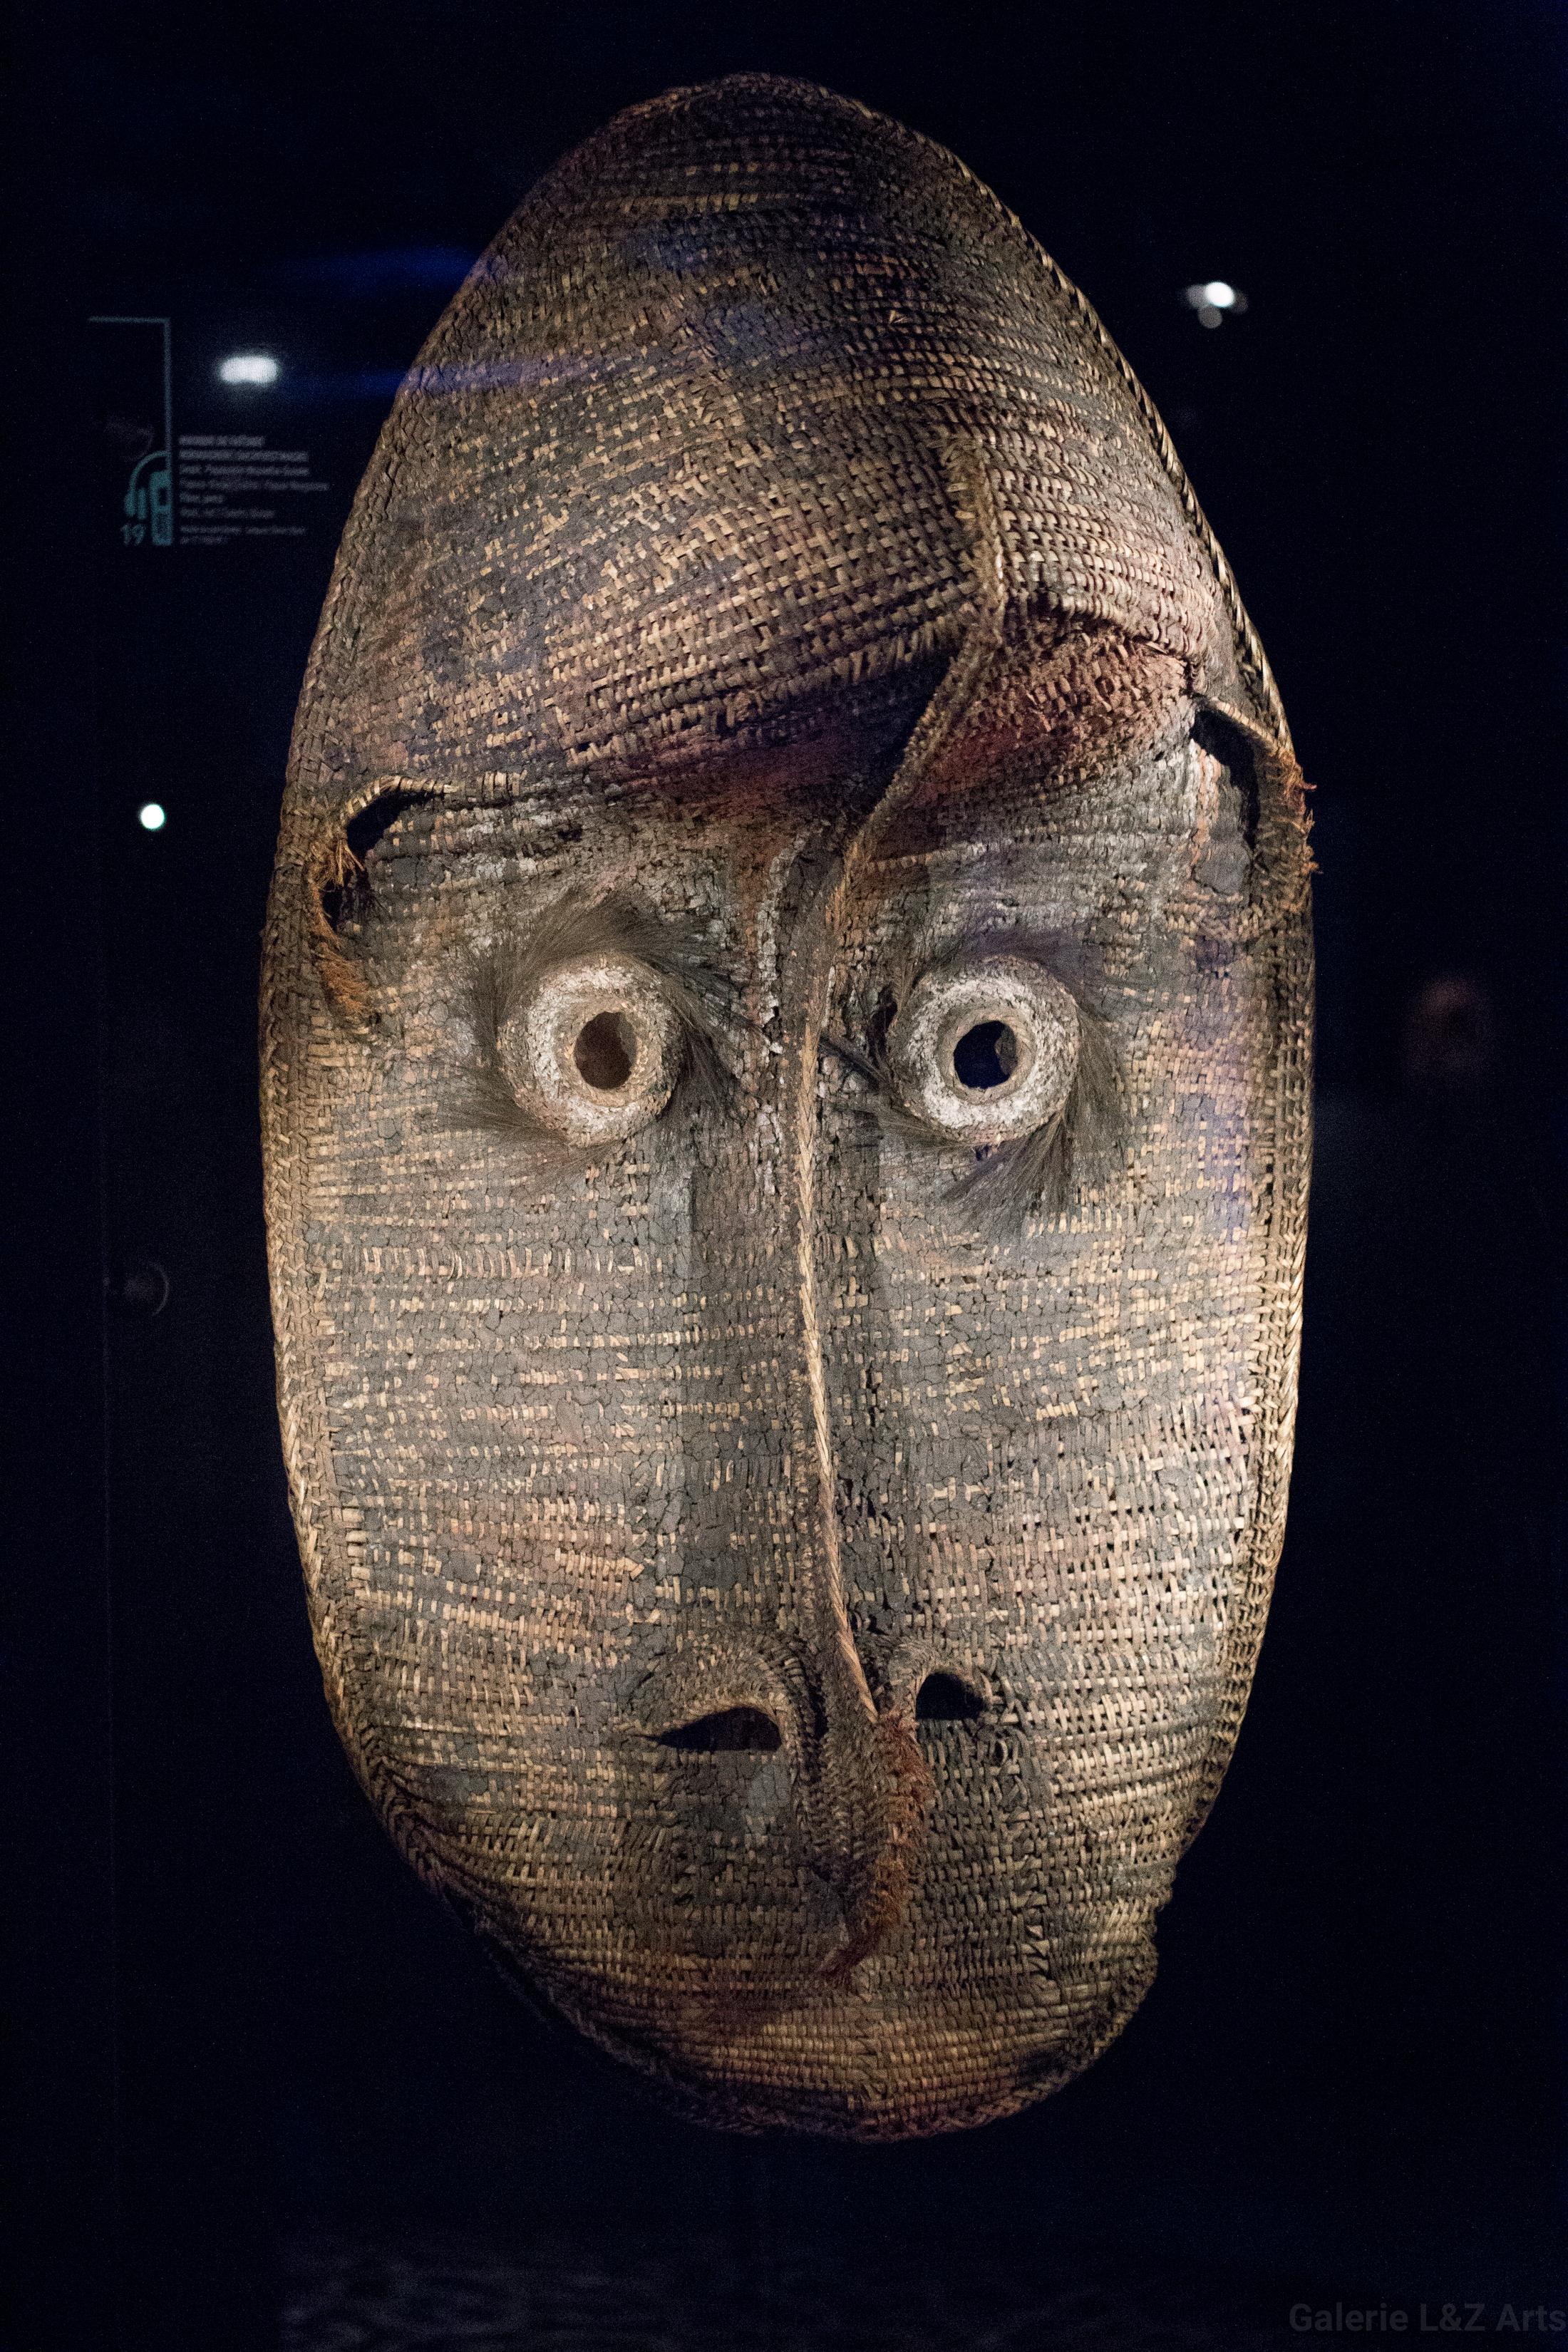 exposition-masque-art-tribal-africain-musee-quai-branly-belgique-galerie-lz-arts-liege-cite-miroir-oceanie-asie-japon-amerique-art-premier-nepal-16.jpg